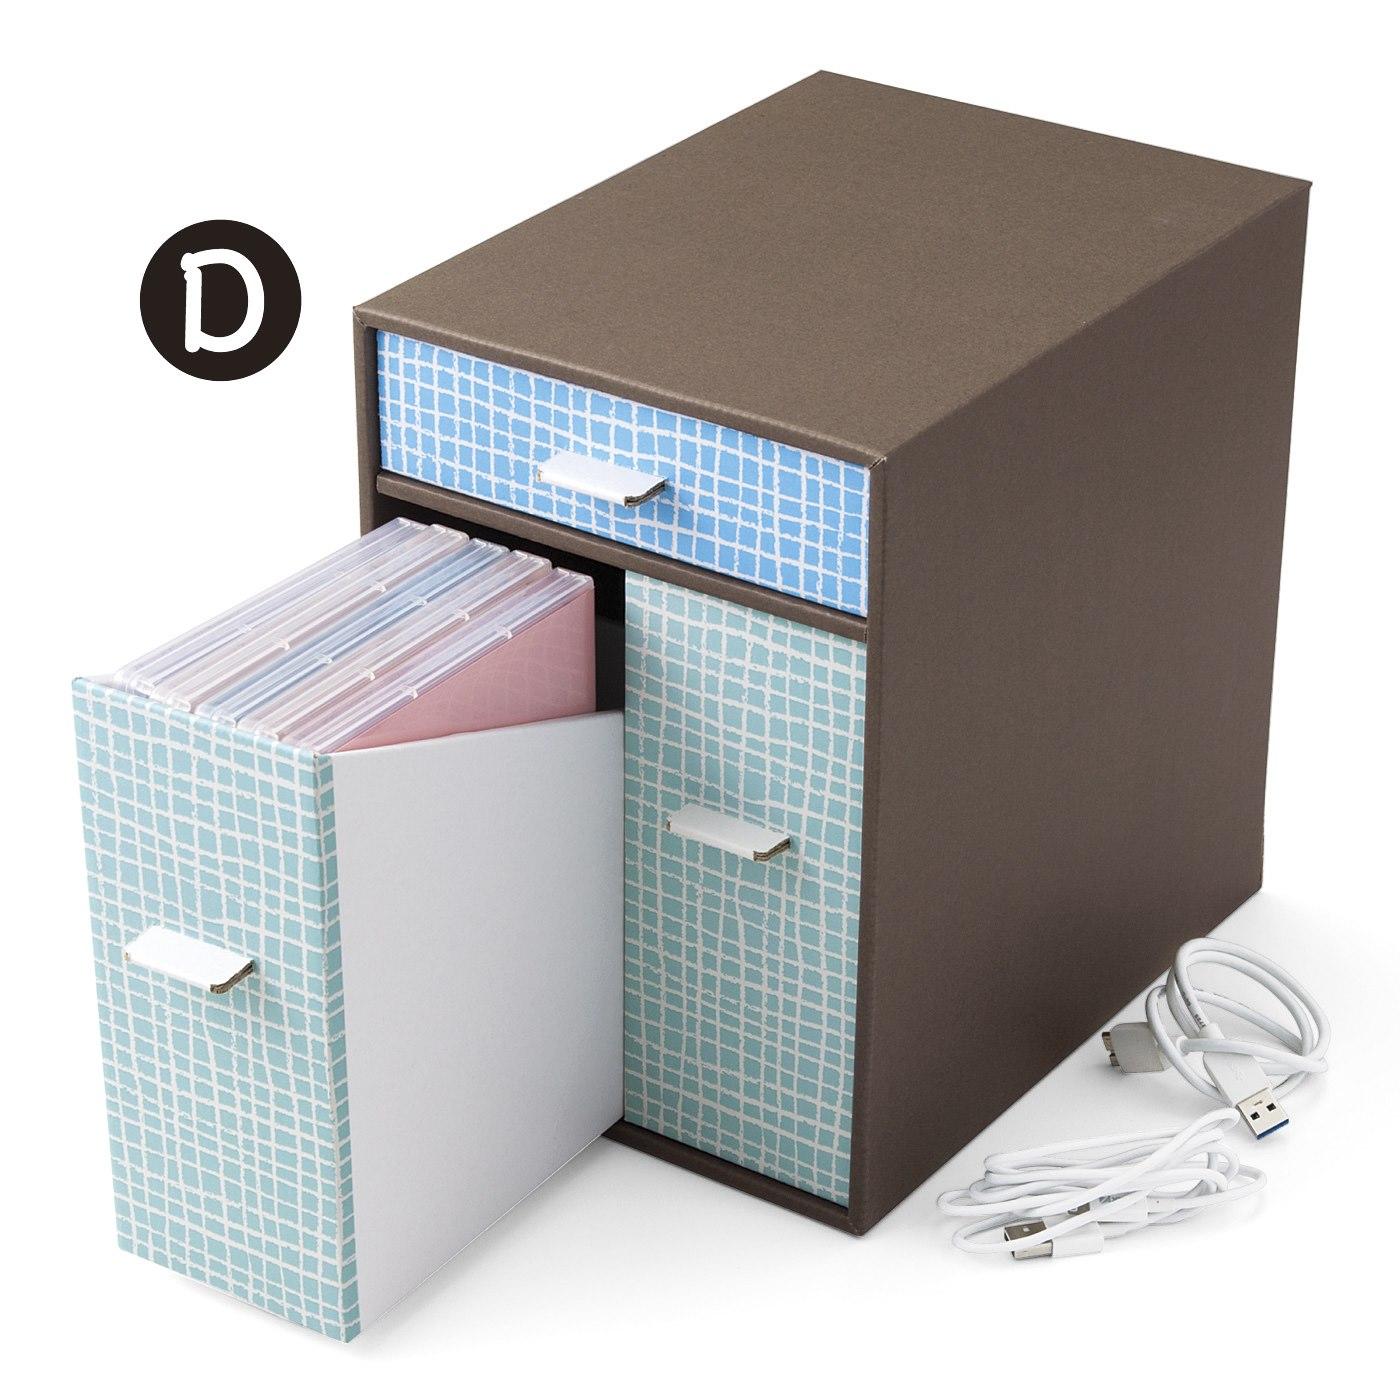 充電器やコード類、DVDの収納に。スリムなボックス2個と、引き出しのセット。